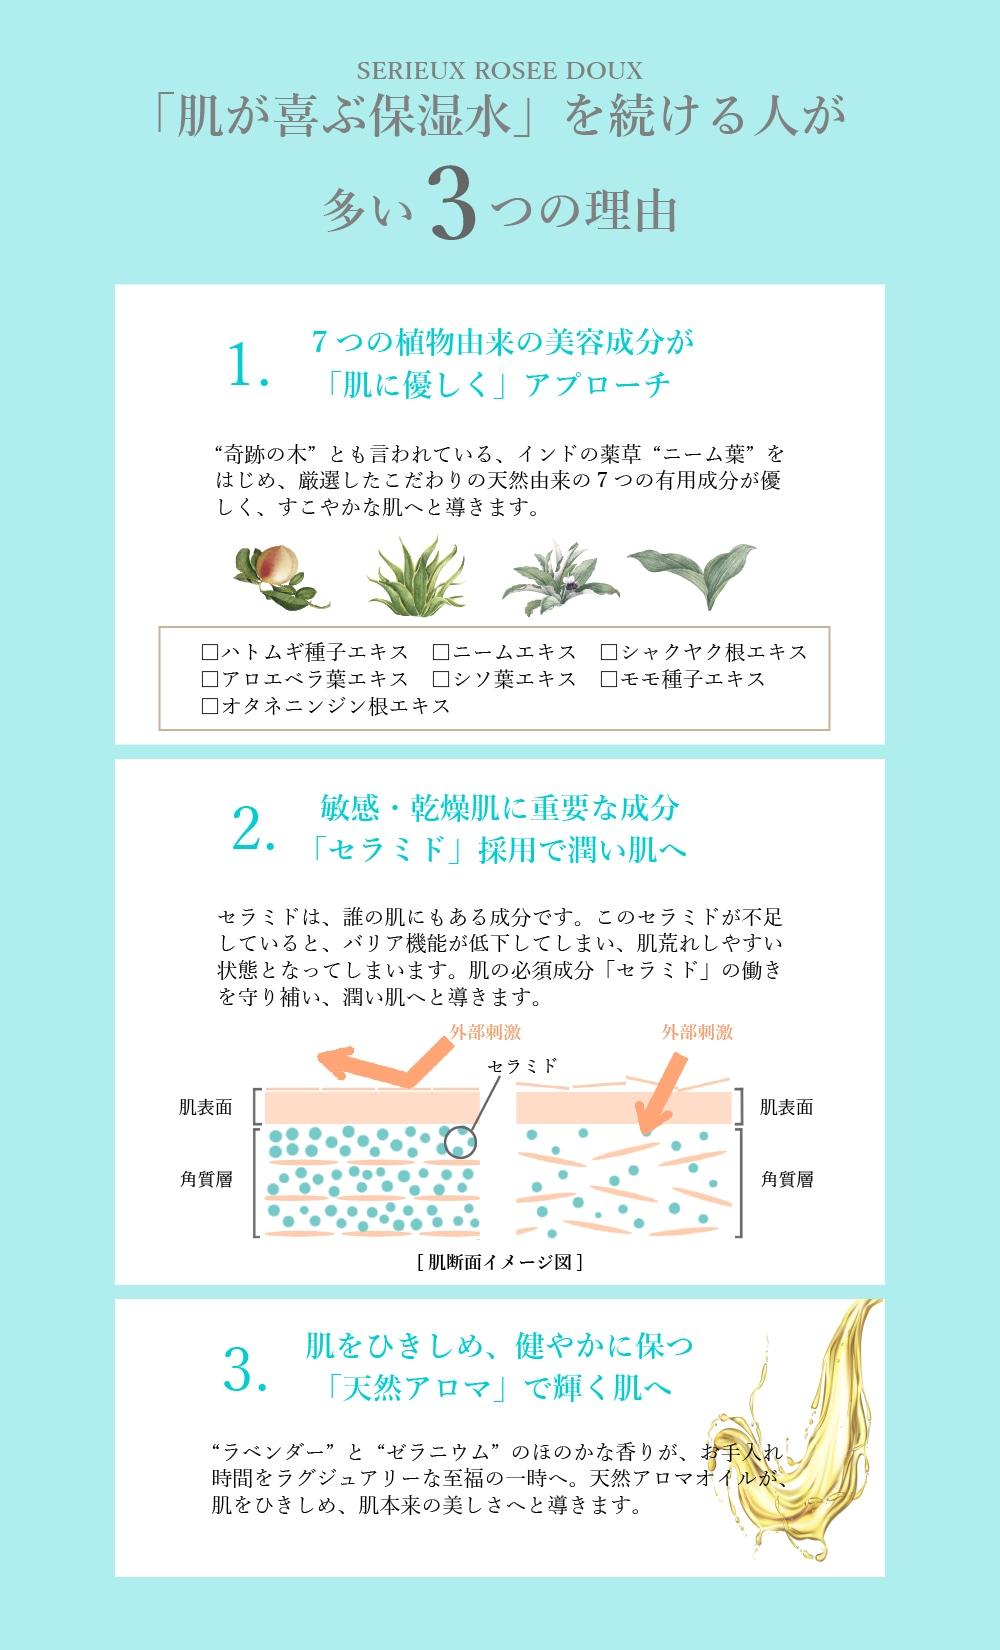 「肌が喜ぶ保湿水」を続ける人が多い 3つの理由